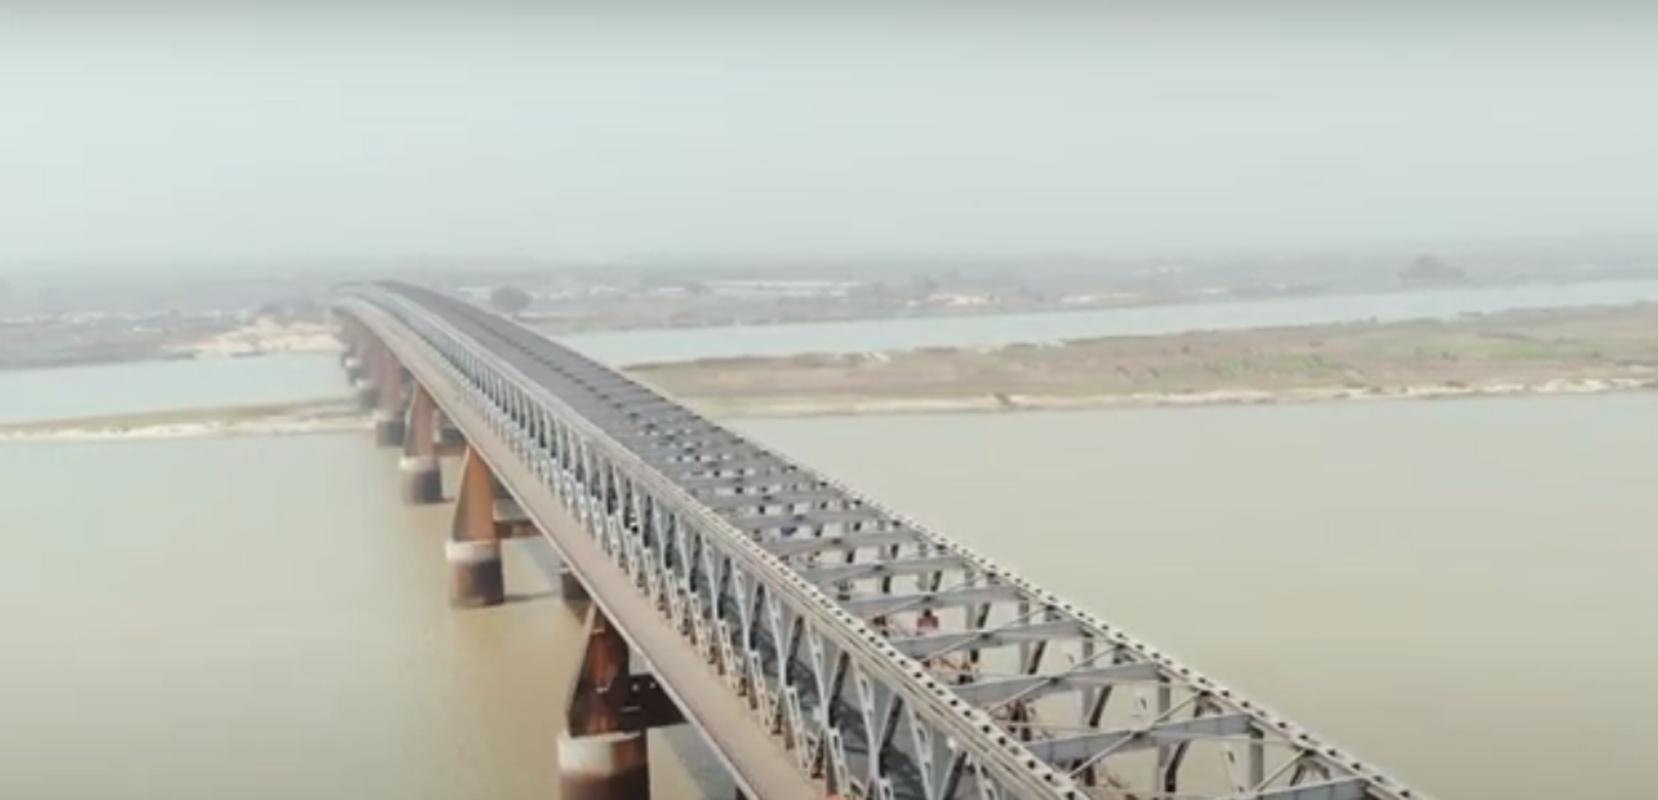 Νιγηρία: Πάνω από 100 αγνοούμενοι από ανατροπή πλεούμενου στον ποταμό Νίγηρα